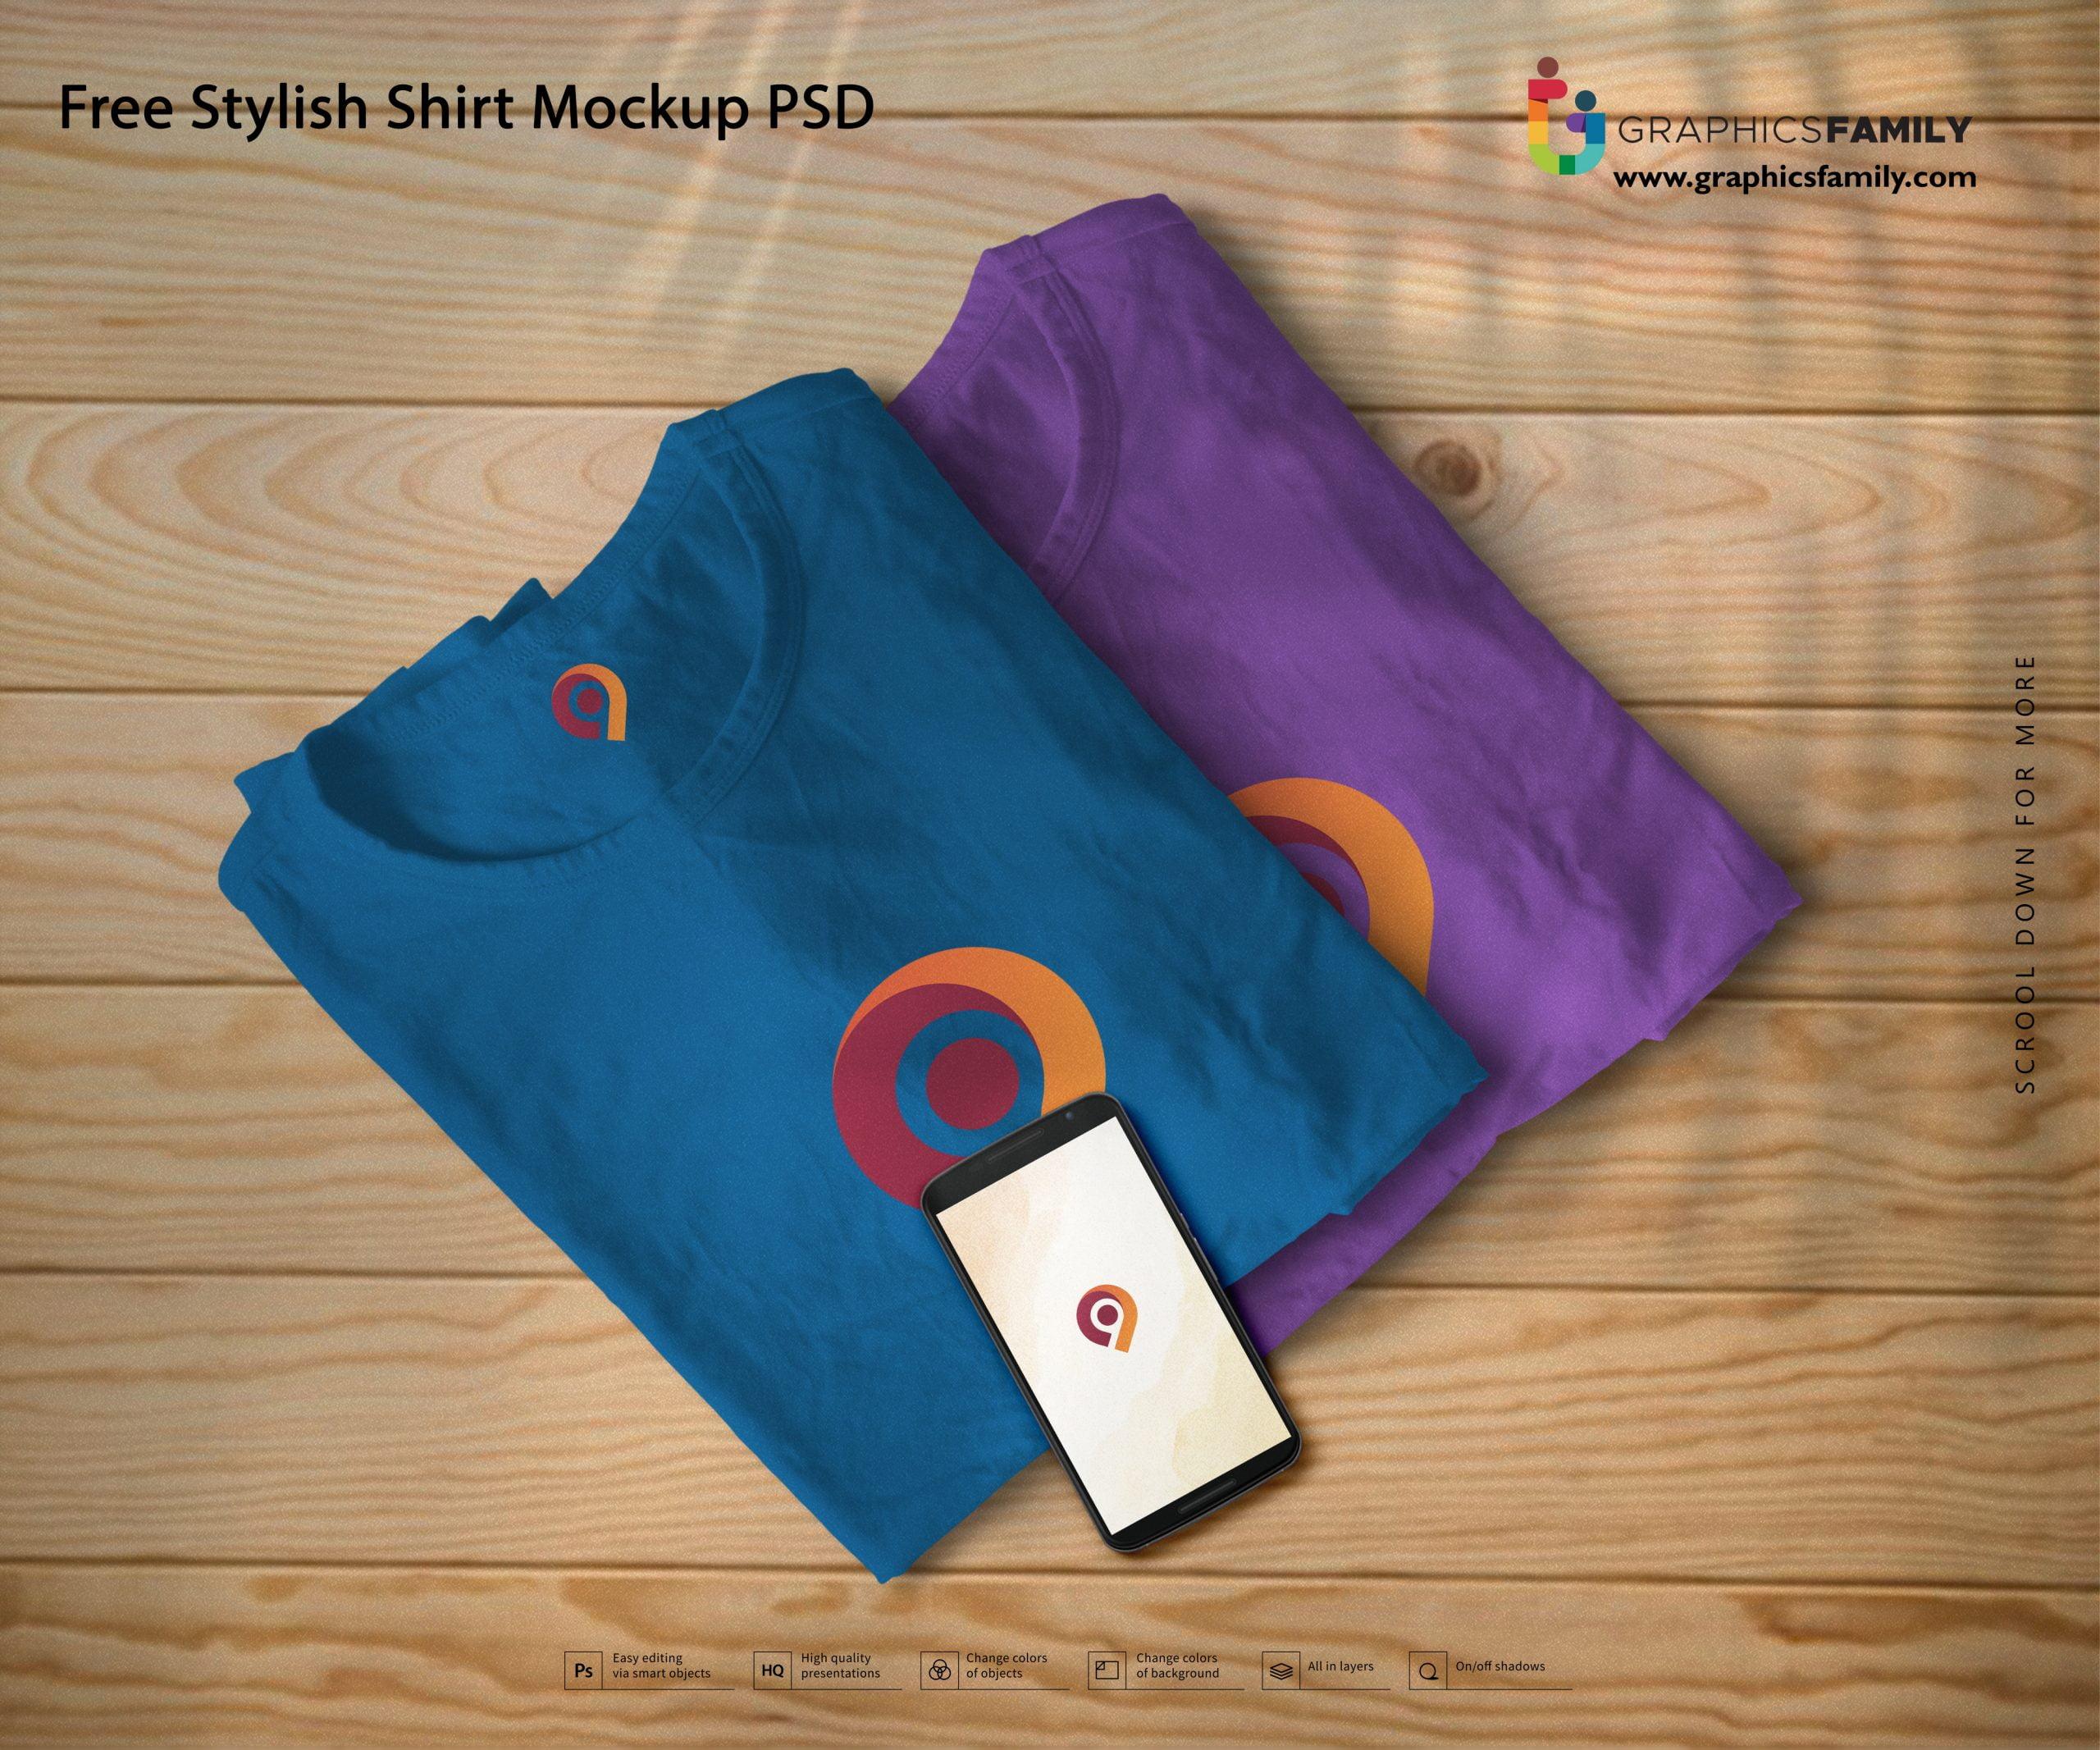 Free Stylish Shirt Mockup PSD Download